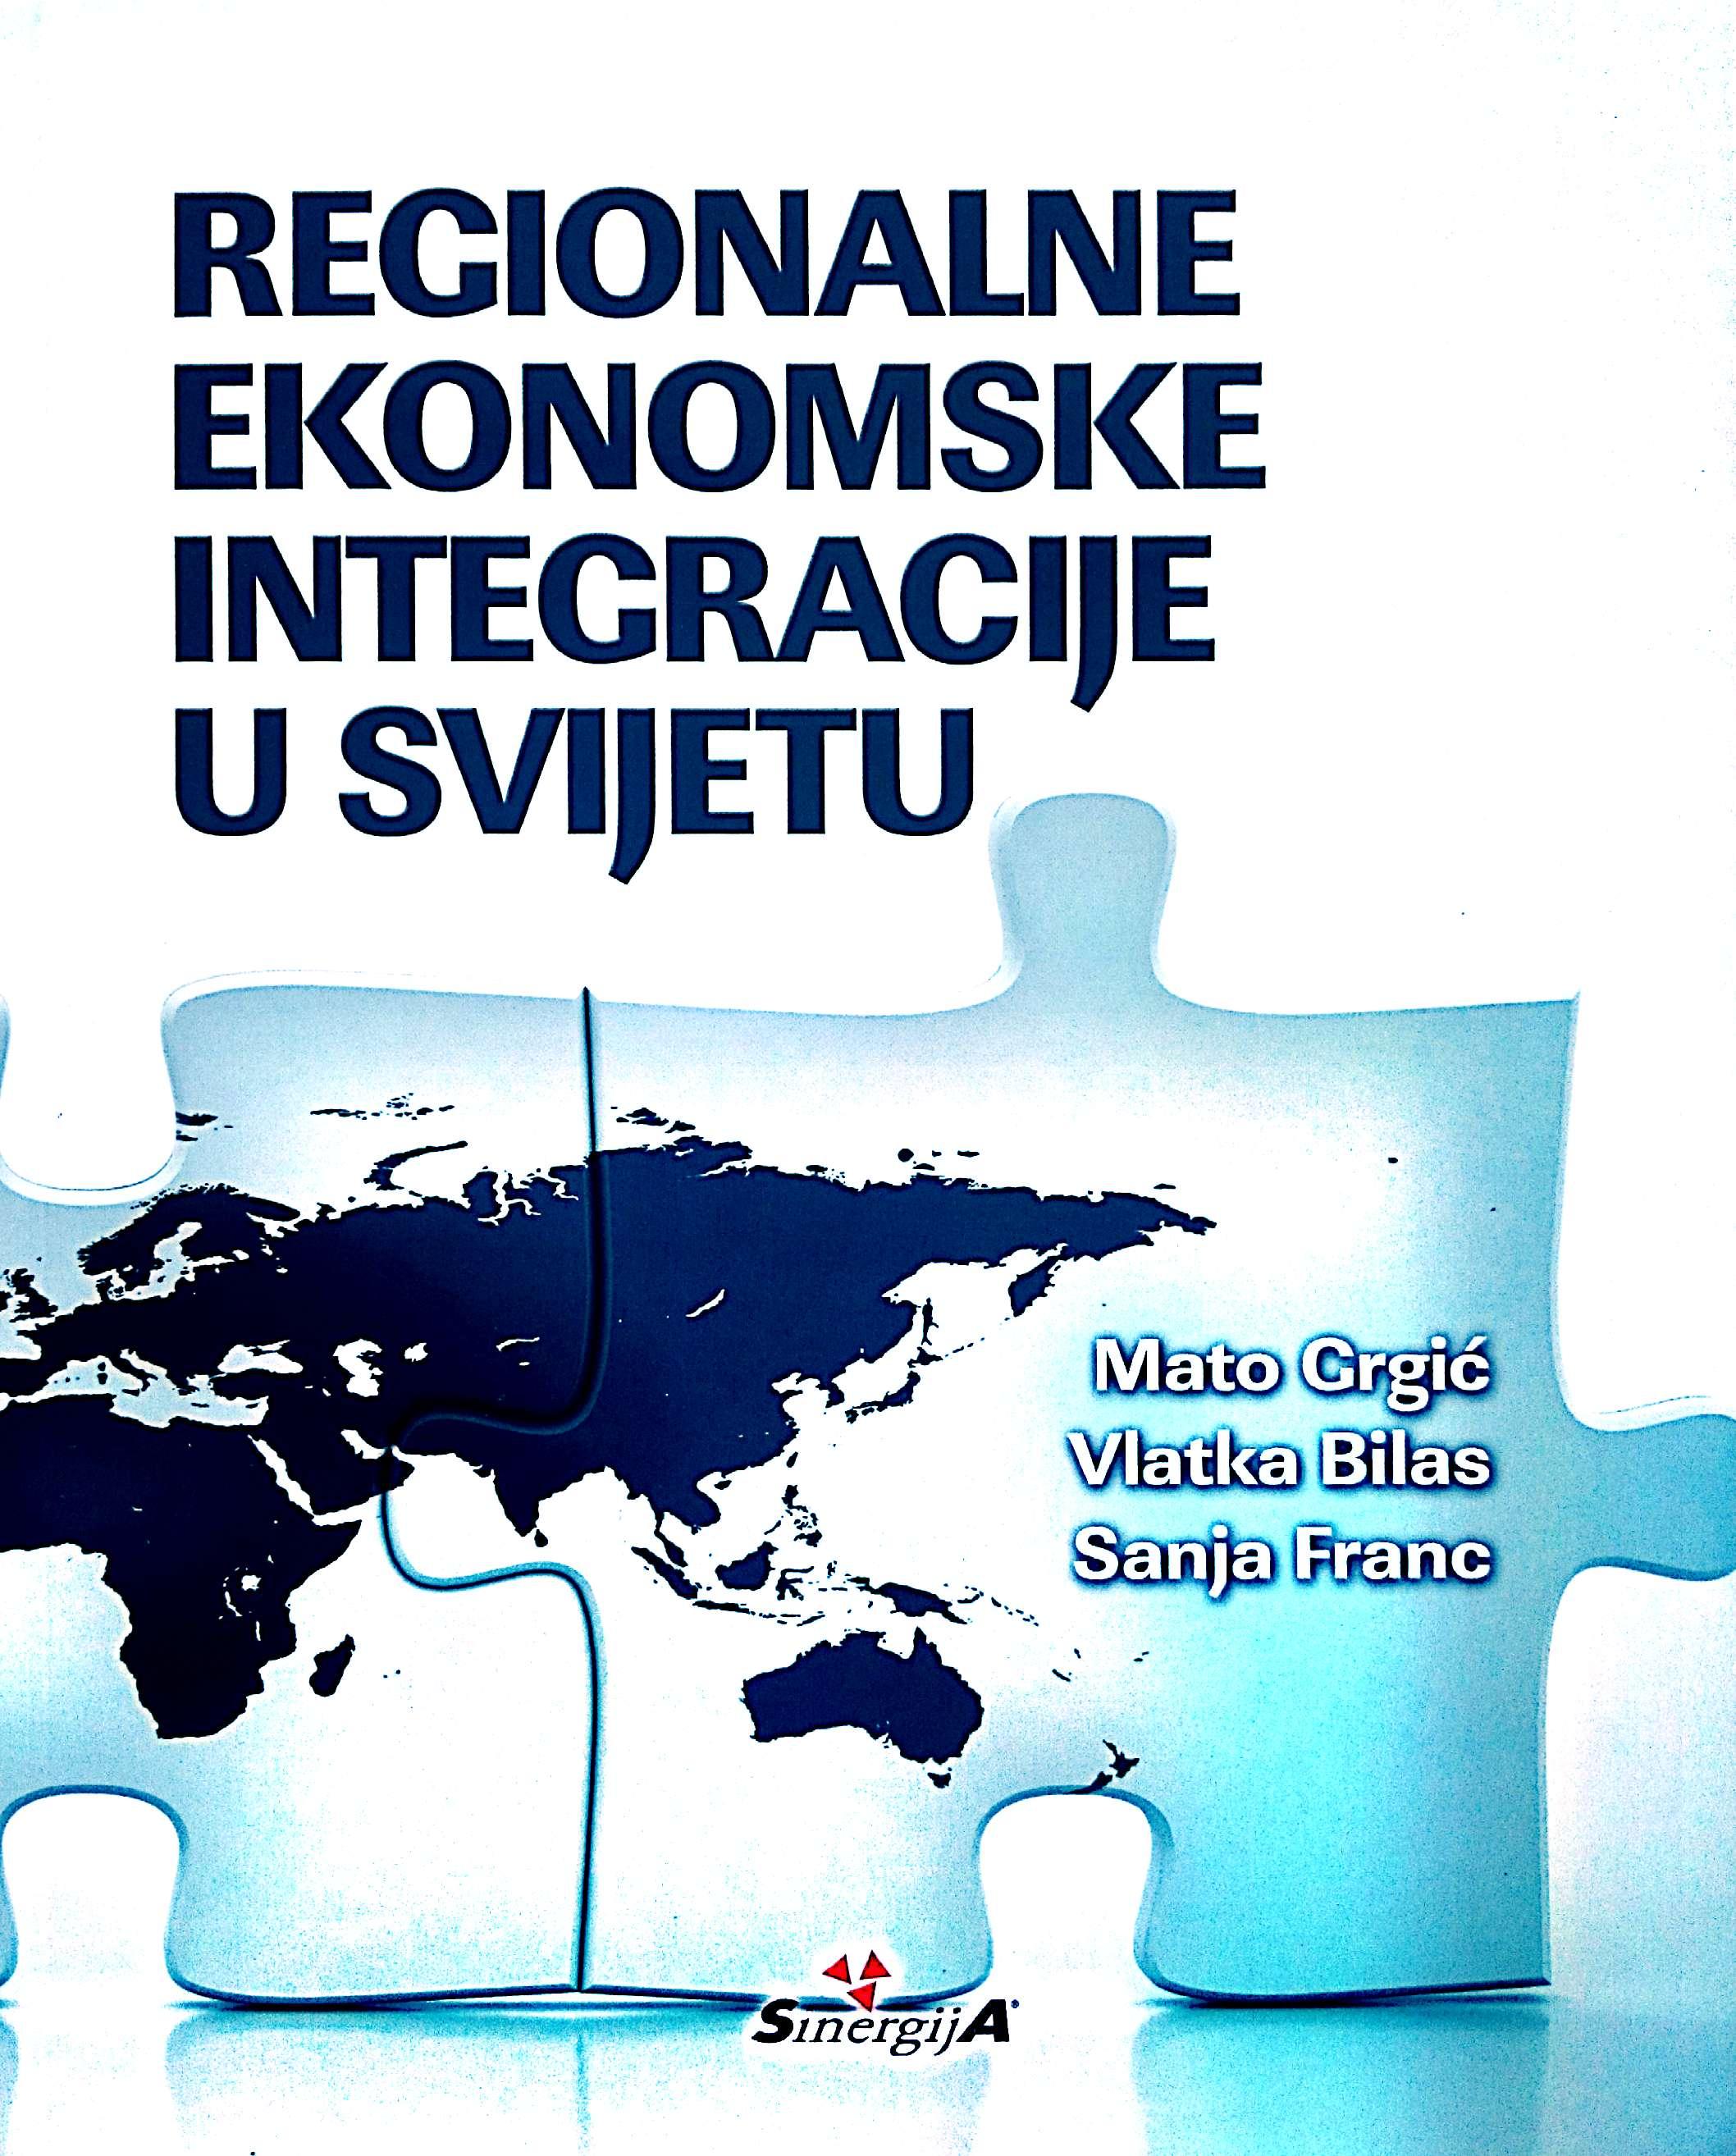 REGIONALNE EKONOMSKE INTEGRACIJE U SVIJETU - Naruči svoju knjigu